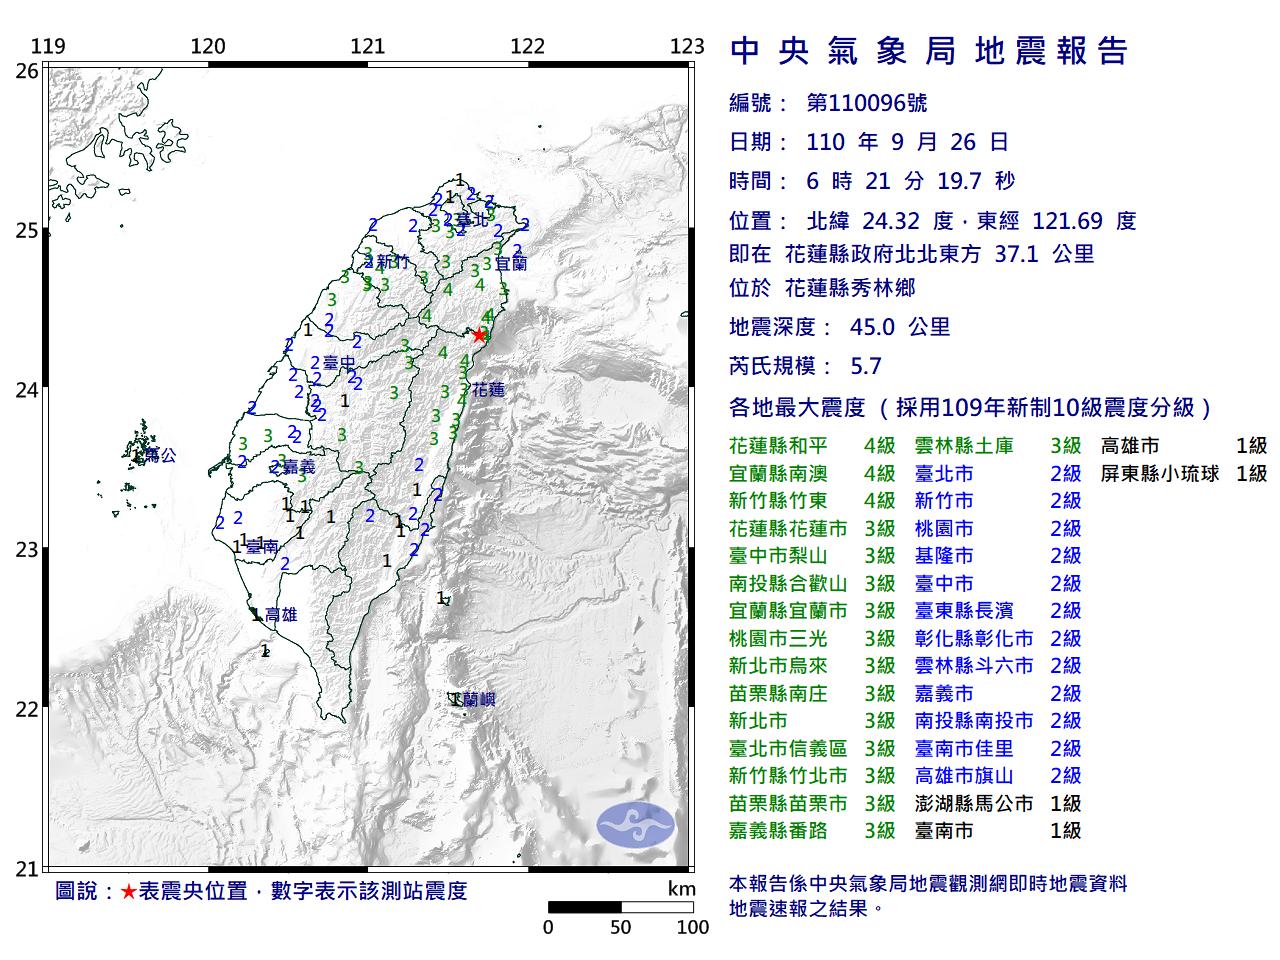 氣象局地震報告。 (圖/中央氣象局) 花蓮隱沒帶地震「地區半世紀規模最大」 2天內恐有餘震